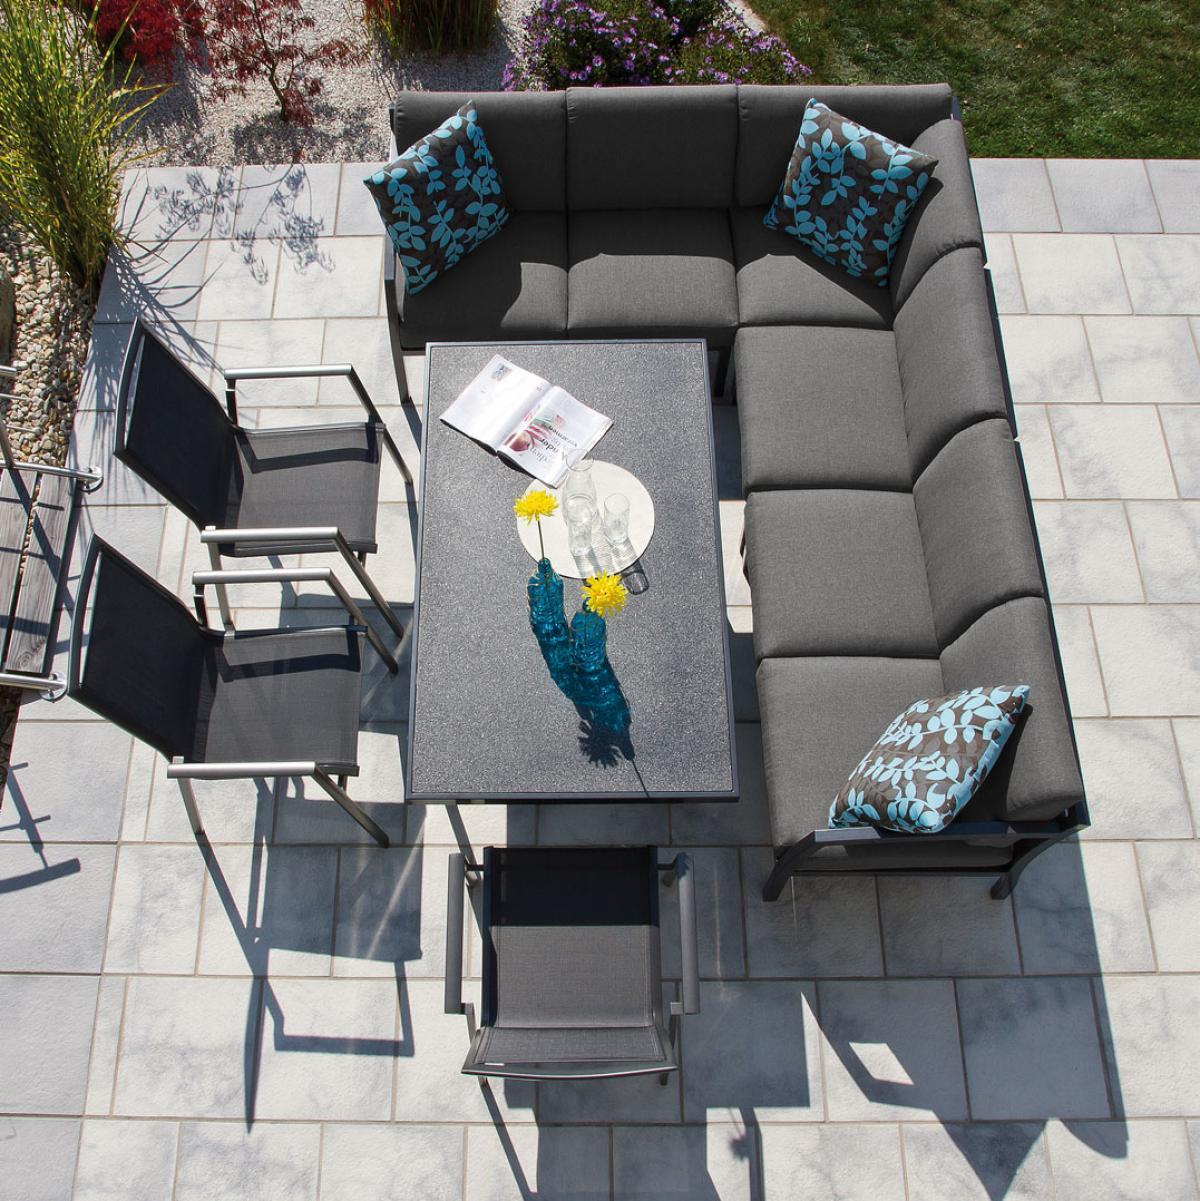 Garten Essgruppe Mit Eckbank ~ Preissturz Aluminium Garten Sitzgruppe Essgruppe mit Eckbank Tisch und 3 Stühlen Gutes günstiger